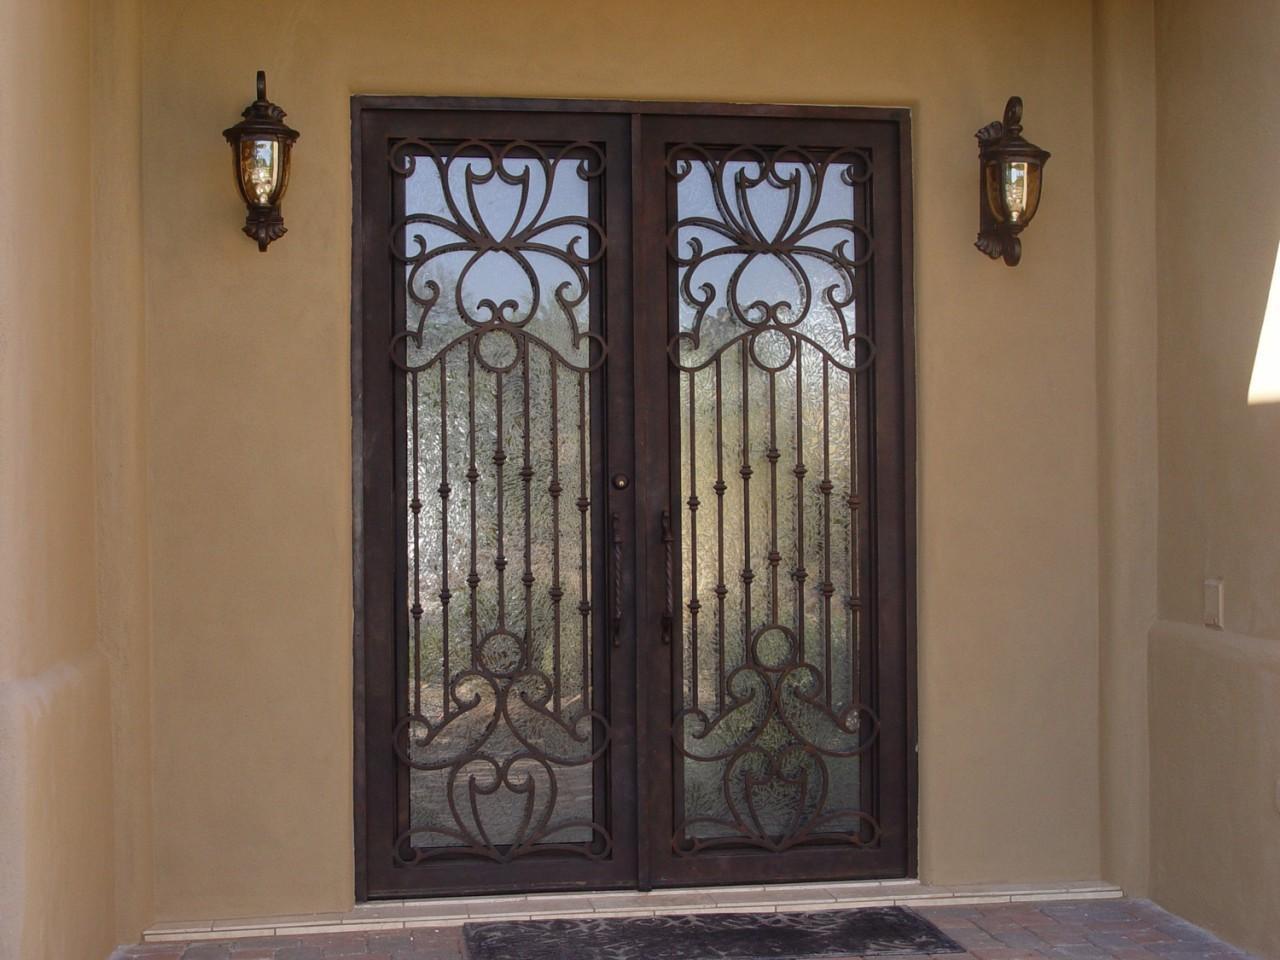 Appealing front door security screens brisbane ideas for Double entry storm doors